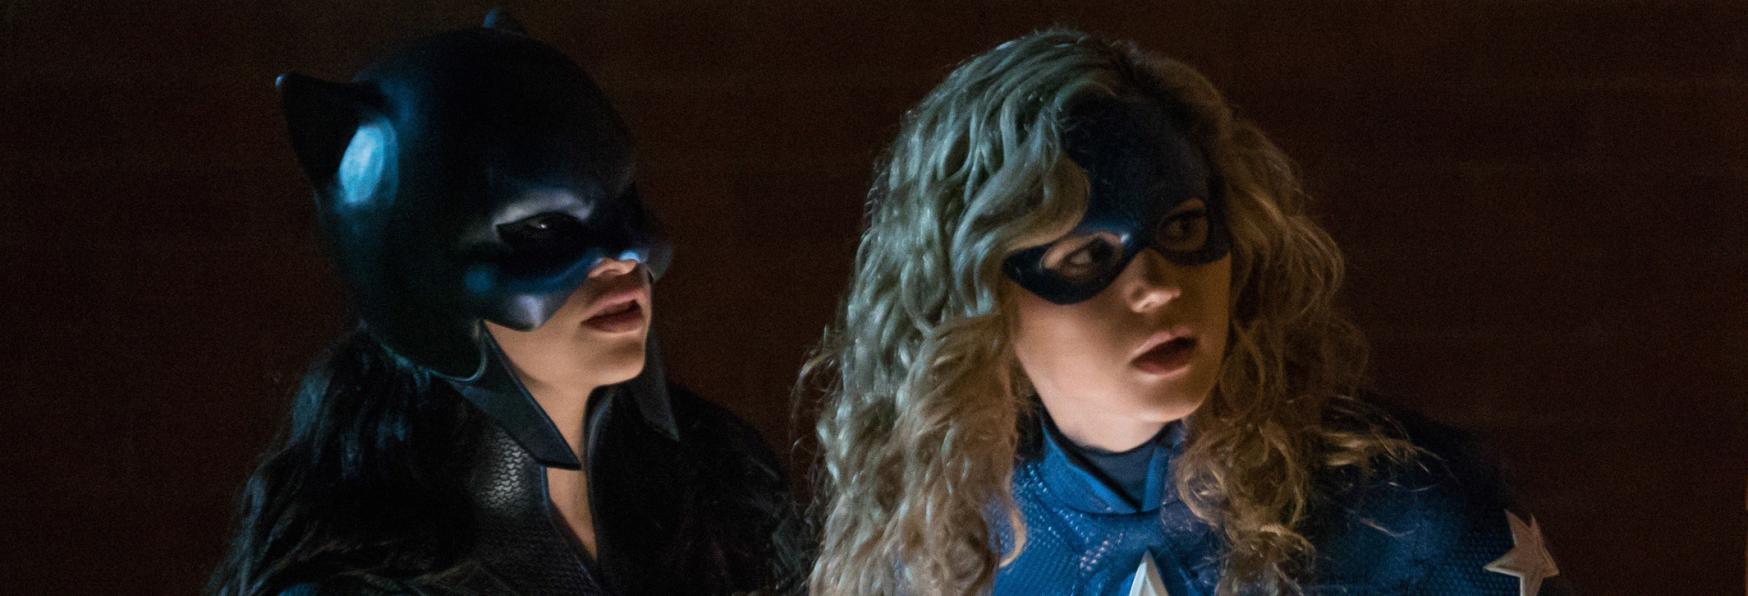 Stargirl 2 ci sarà. Rinnovata per una nuova Stagione la Serie TV targata The CW